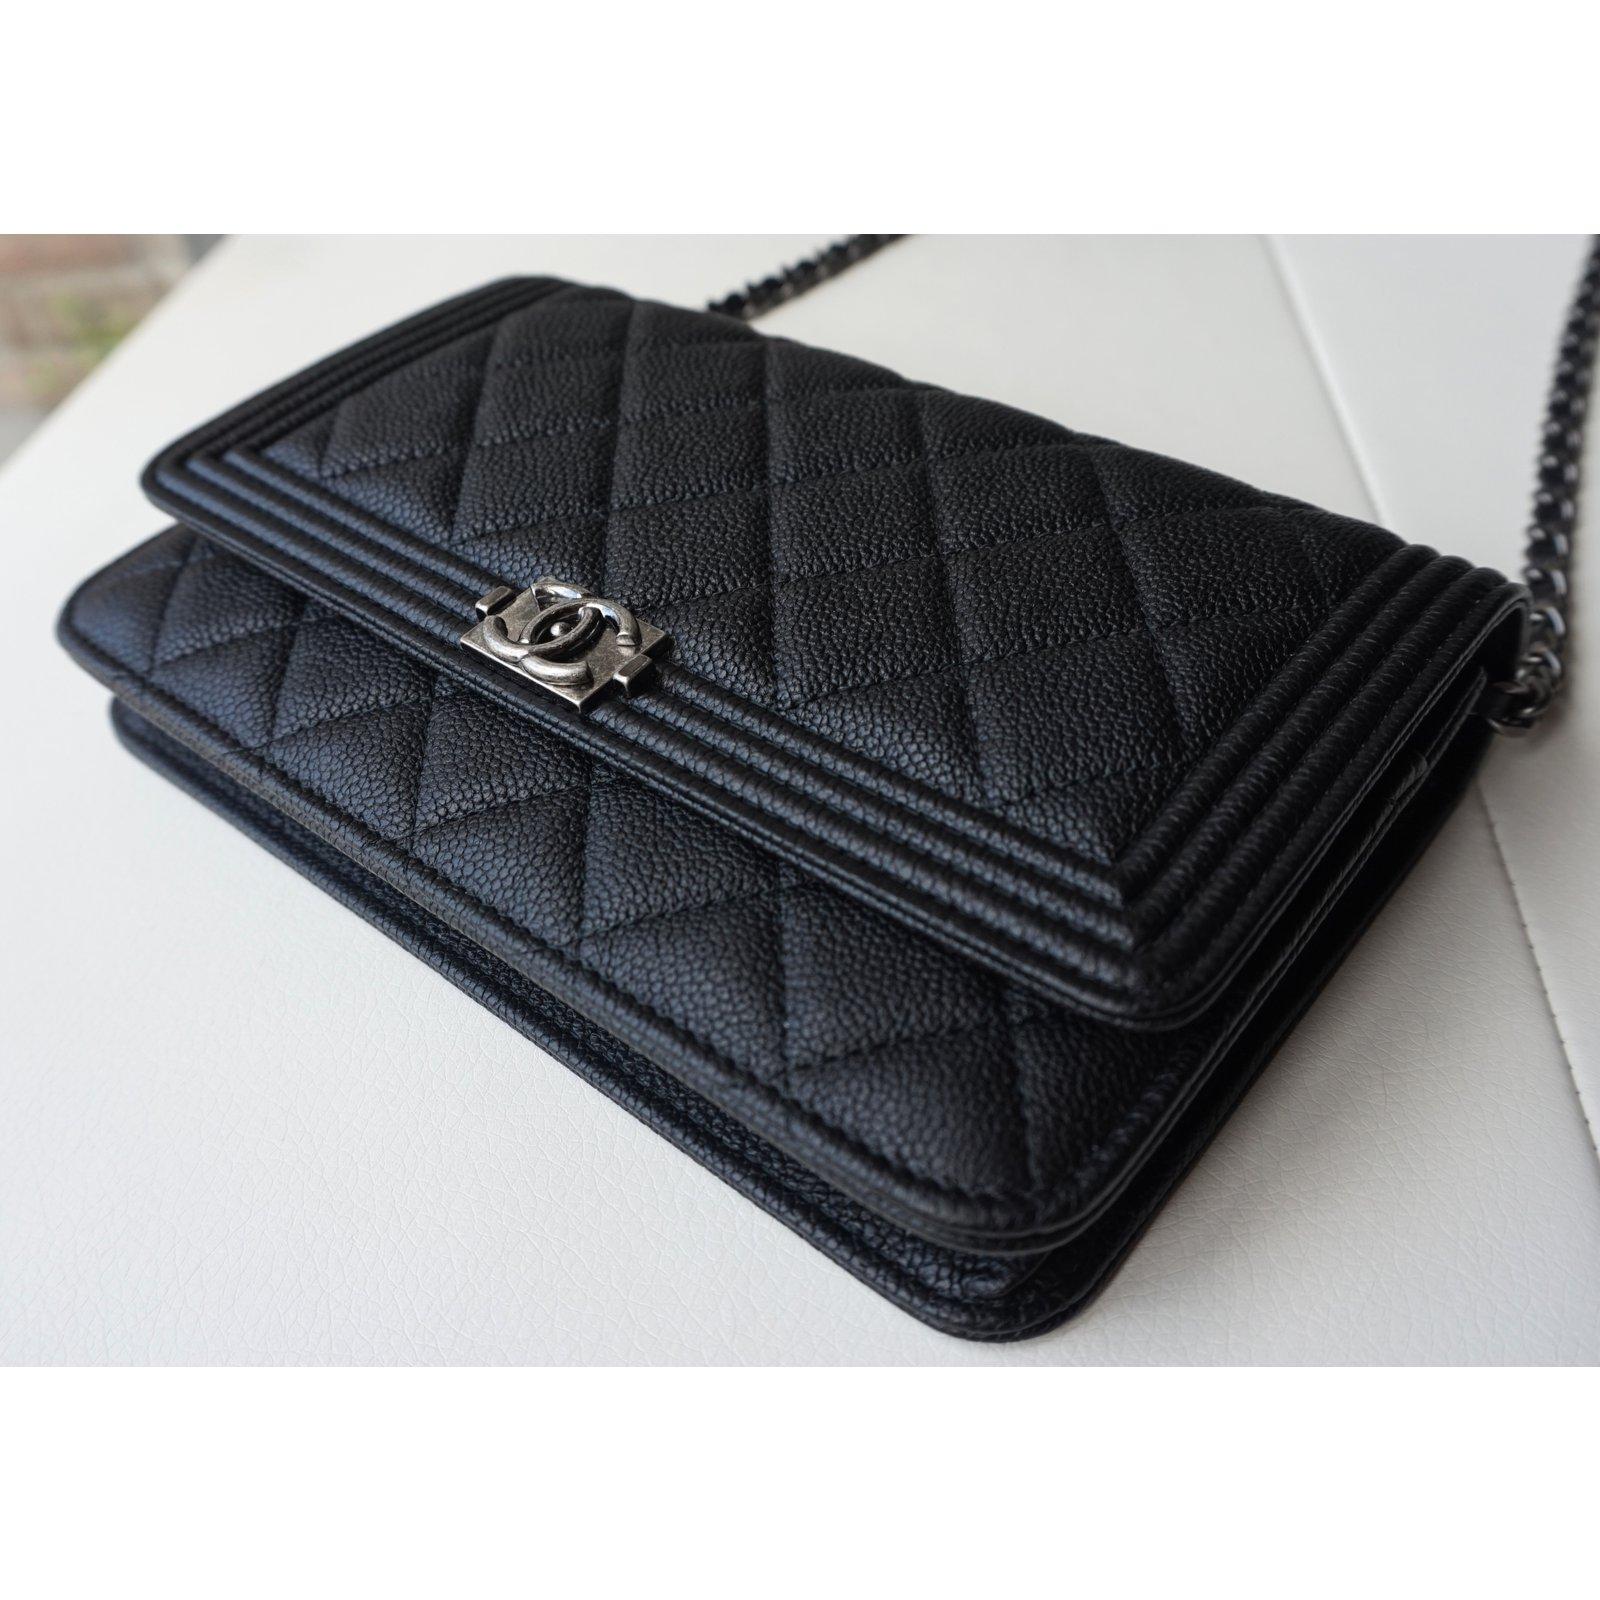 a722f0ece1 Chanel Boy WOC Handbags Leather Black ref.21279 - Joli Closet